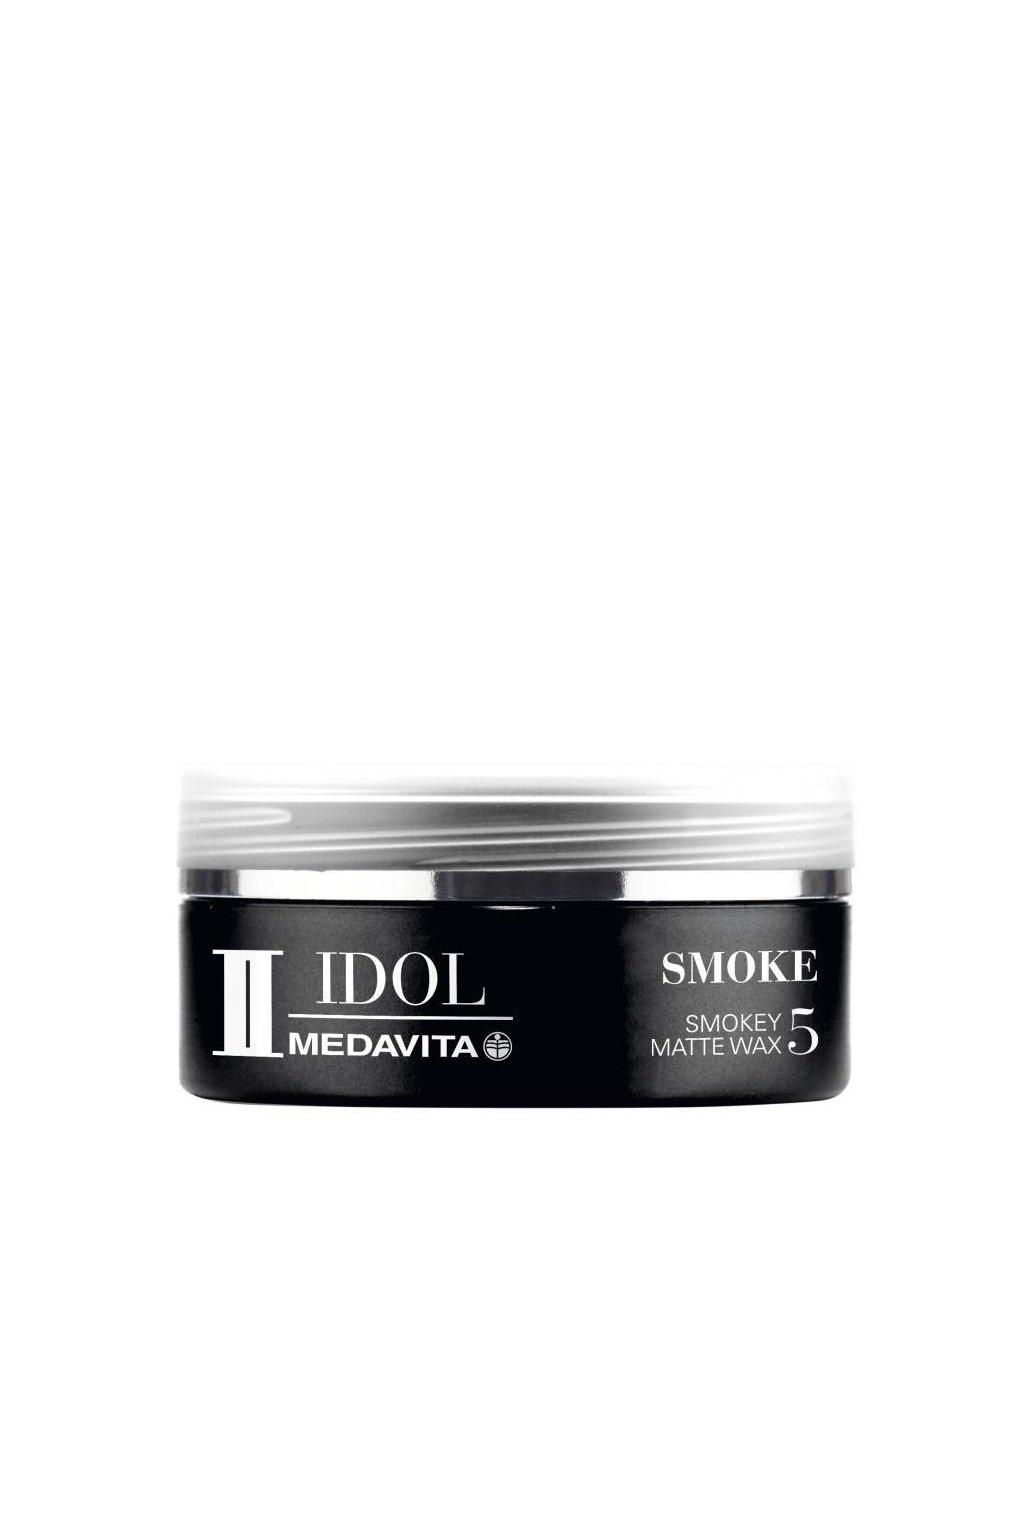 504101 smoke